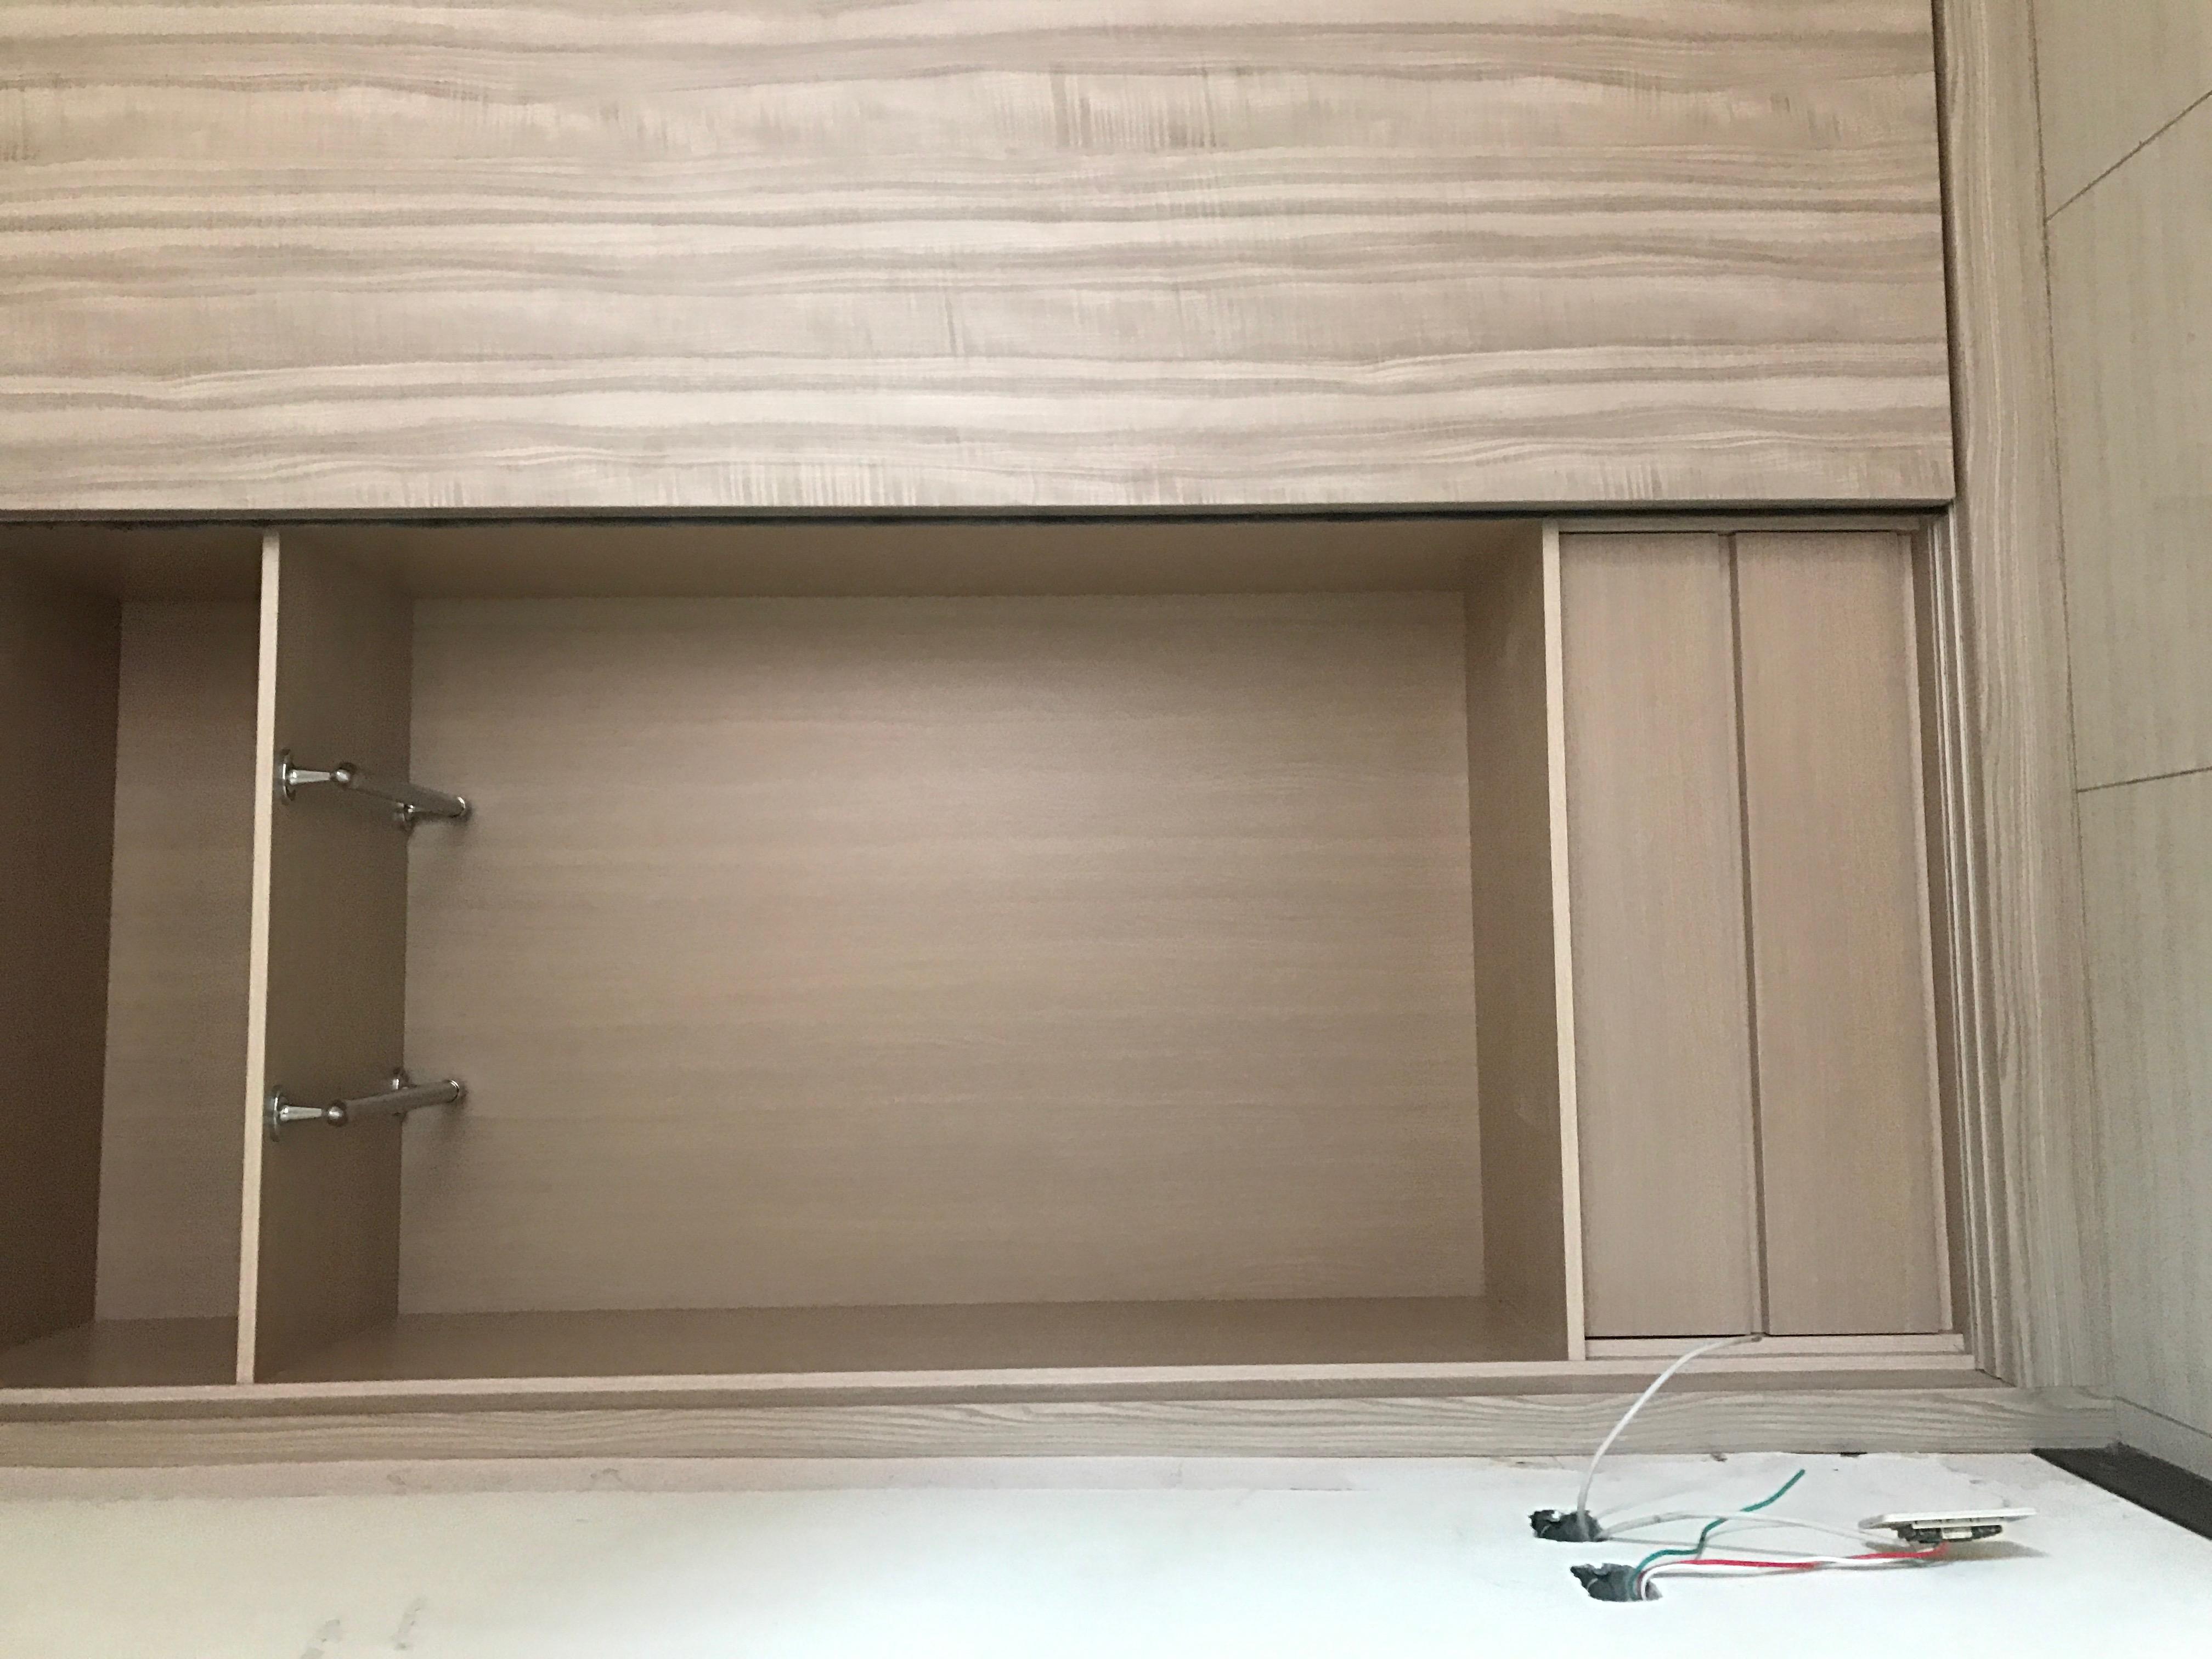 台北市住家室內裝潢衣櫃系統櫃木工 (10)